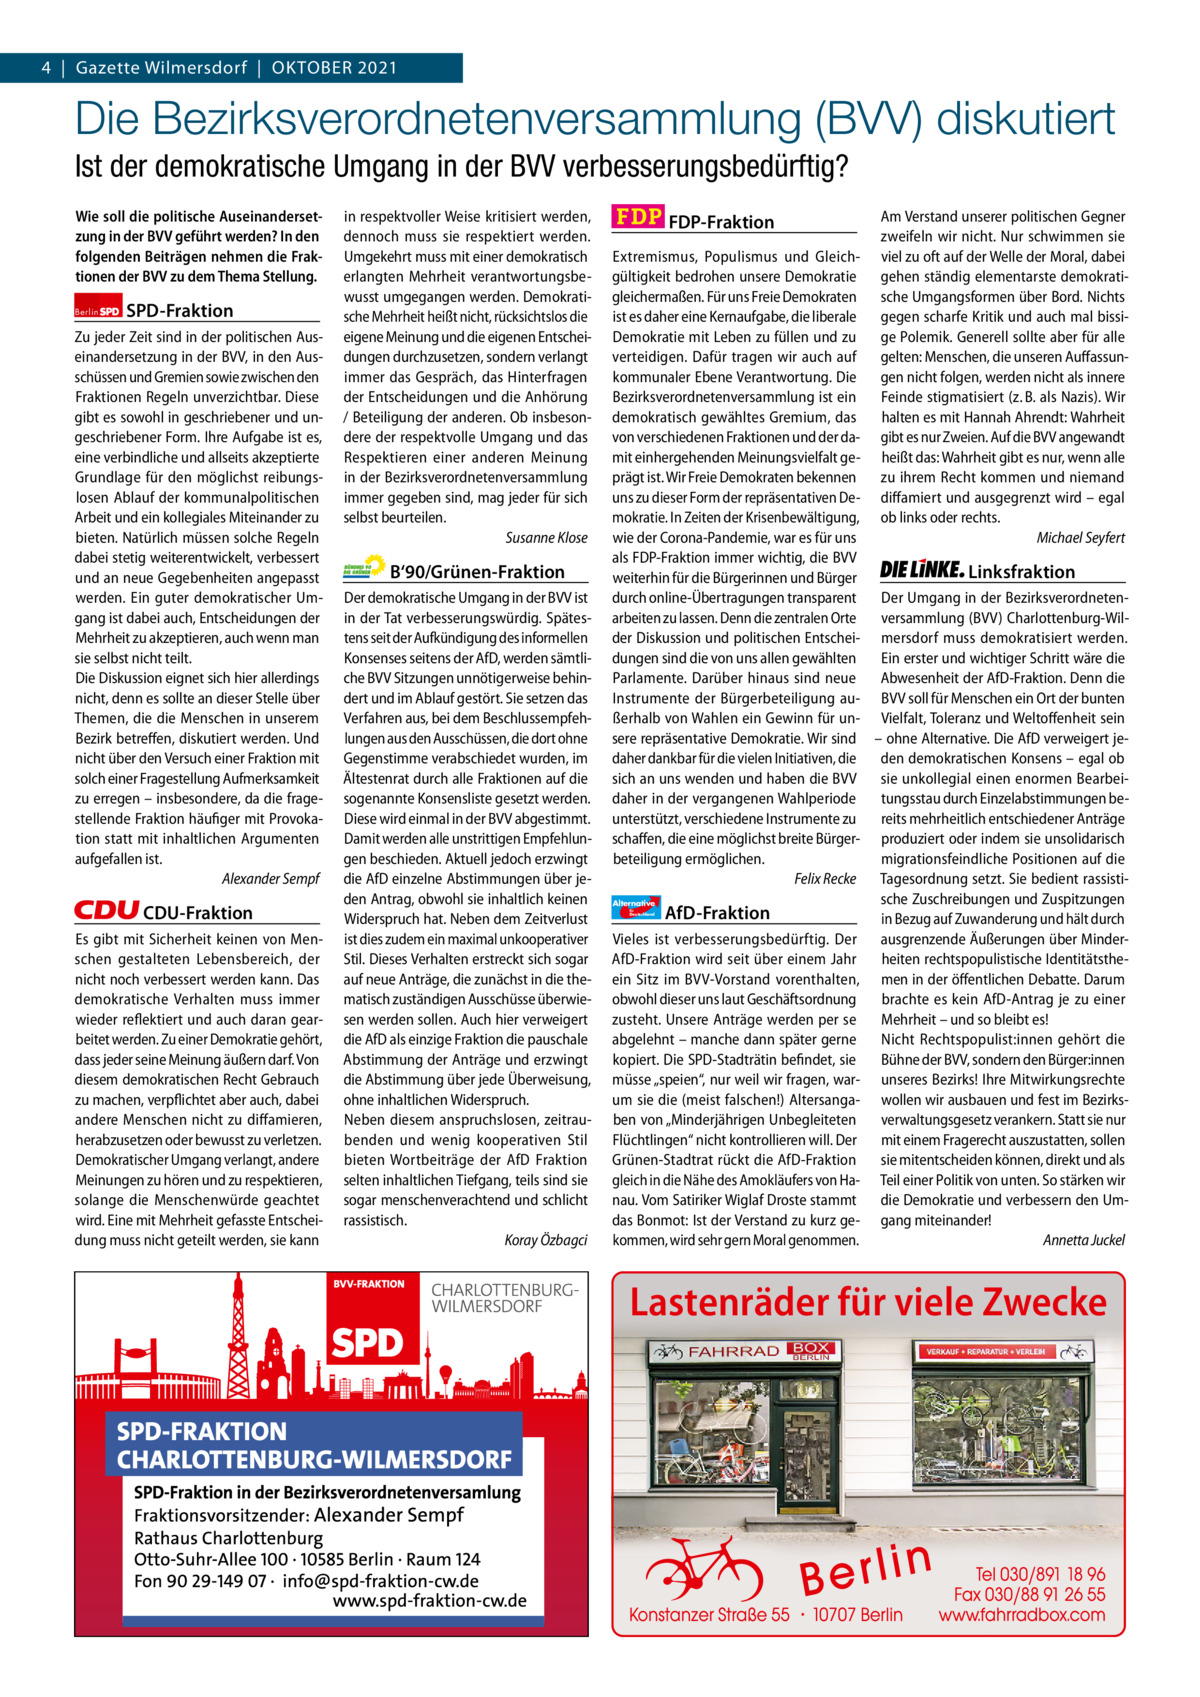 Gazette Charlottenburg & Wilmersdorf 4 Gazette Wilmersdorf Oktober 2021 10  www.gazette-berlin.de  Die Bezirksverordnetenversammlung (BVV) diskutiert Ist der demokratische Umgang in der BVV verbesserungsbedürftig? Wie soll die politische Auseinandersetzung in der BVV geführt werden? In den folgenden Beiträgen nehmen die Fraktionen der BVV zu dem Thema Stellung. Berlin  SPD-Fraktion  Zu jeder Zeit sind in der politischen Auseinandersetzung in der BVV, in den Ausschüssen und Gremien sowie zwischen den Fraktionen Regeln unverzichtbar. Diese gibt es sowohl in geschriebener und ungeschriebener Form. Ihre Aufgabe ist es, eine verbindliche und allseits akzeptierte Grundlage für den möglichst reibungslosen Ablauf der kommunalpolitischen Arbeit und ein kollegiales Miteinander zu bieten. Natürlich müssen solche Regeln dabei stetig weiterentwickelt, verbessert und an neue Gegebenheiten angepasst werden. Ein guter demokratischer Umgang ist dabei auch, Entscheidungen der Mehrheit zu akzeptieren, auch wenn man sie selbst nicht teilt. Die Diskussion eignet sich hier allerdings nicht, denn es sollte an dieser Stelle über Themen, die die Menschen in unserem Bezirk betreffen, diskutiert werden. Und nicht über den Versuch einer Fraktion mit solch einer Fragestellung Aufmerksamkeit zu erregen – insbesondere, da die fragestellende Fraktion häufiger mit Provokation statt mit inhaltlichen Argumenten aufgefallen ist. Alexander Sempf  CDU-Fraktion Es gibt mit Sicherheit keinen von Menschen gestalteten Lebensbereich, der nicht noch verbessert werden kann. Das demokratische Verhalten muss immer wieder reflektiert und auch daran gearbeitet werden. Zu einer Demokratie gehört, dass jeder seine Meinung äußern darf. Von diesem demokratischen Recht Gebrauch zu machen, verpflichtet aber auch, dabei andere Menschen nicht zu diffamieren, herabzusetzen oder bewusst zu verletzen. Demokratischer Umgang verlangt, andere Meinungen zu hören und zu respektieren, solange die Menschenwürde geachtet wird. Eine 